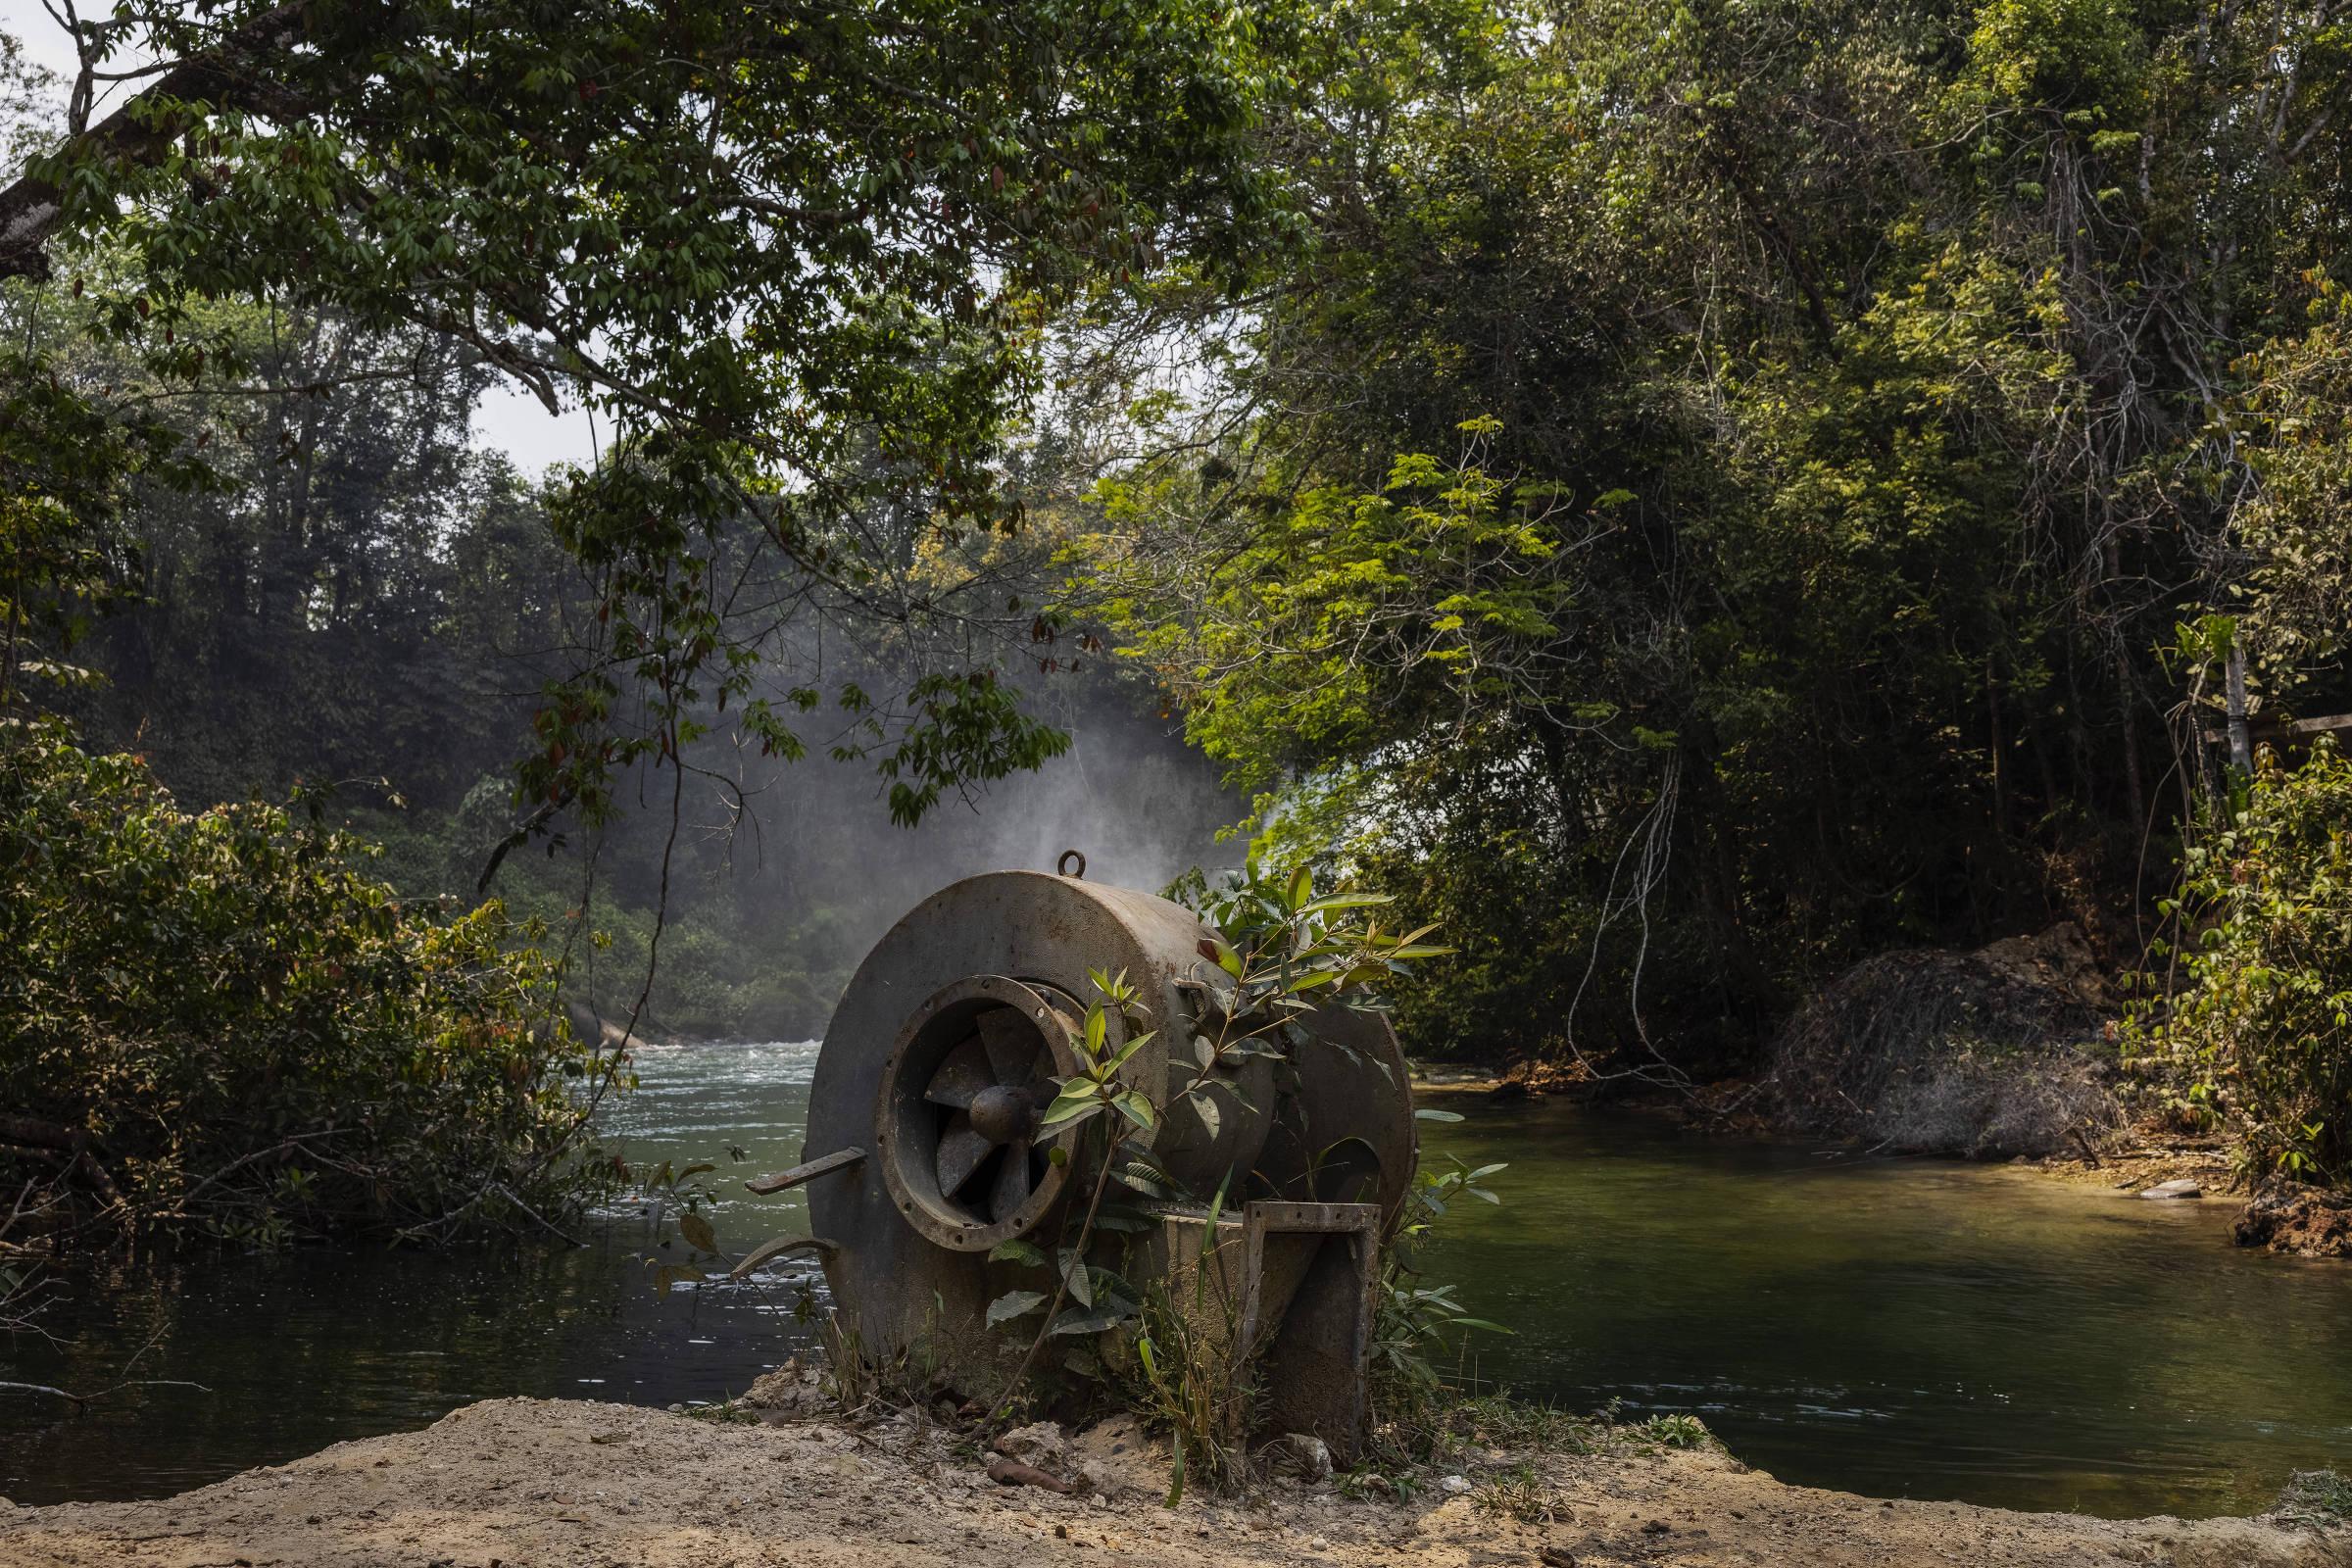 Peça abandonada utilizada na construção de uma pequena central hidrelétrica no rio Cravari, no limite da Terra Indígena Irantxe, por um fazendeiro vizinho